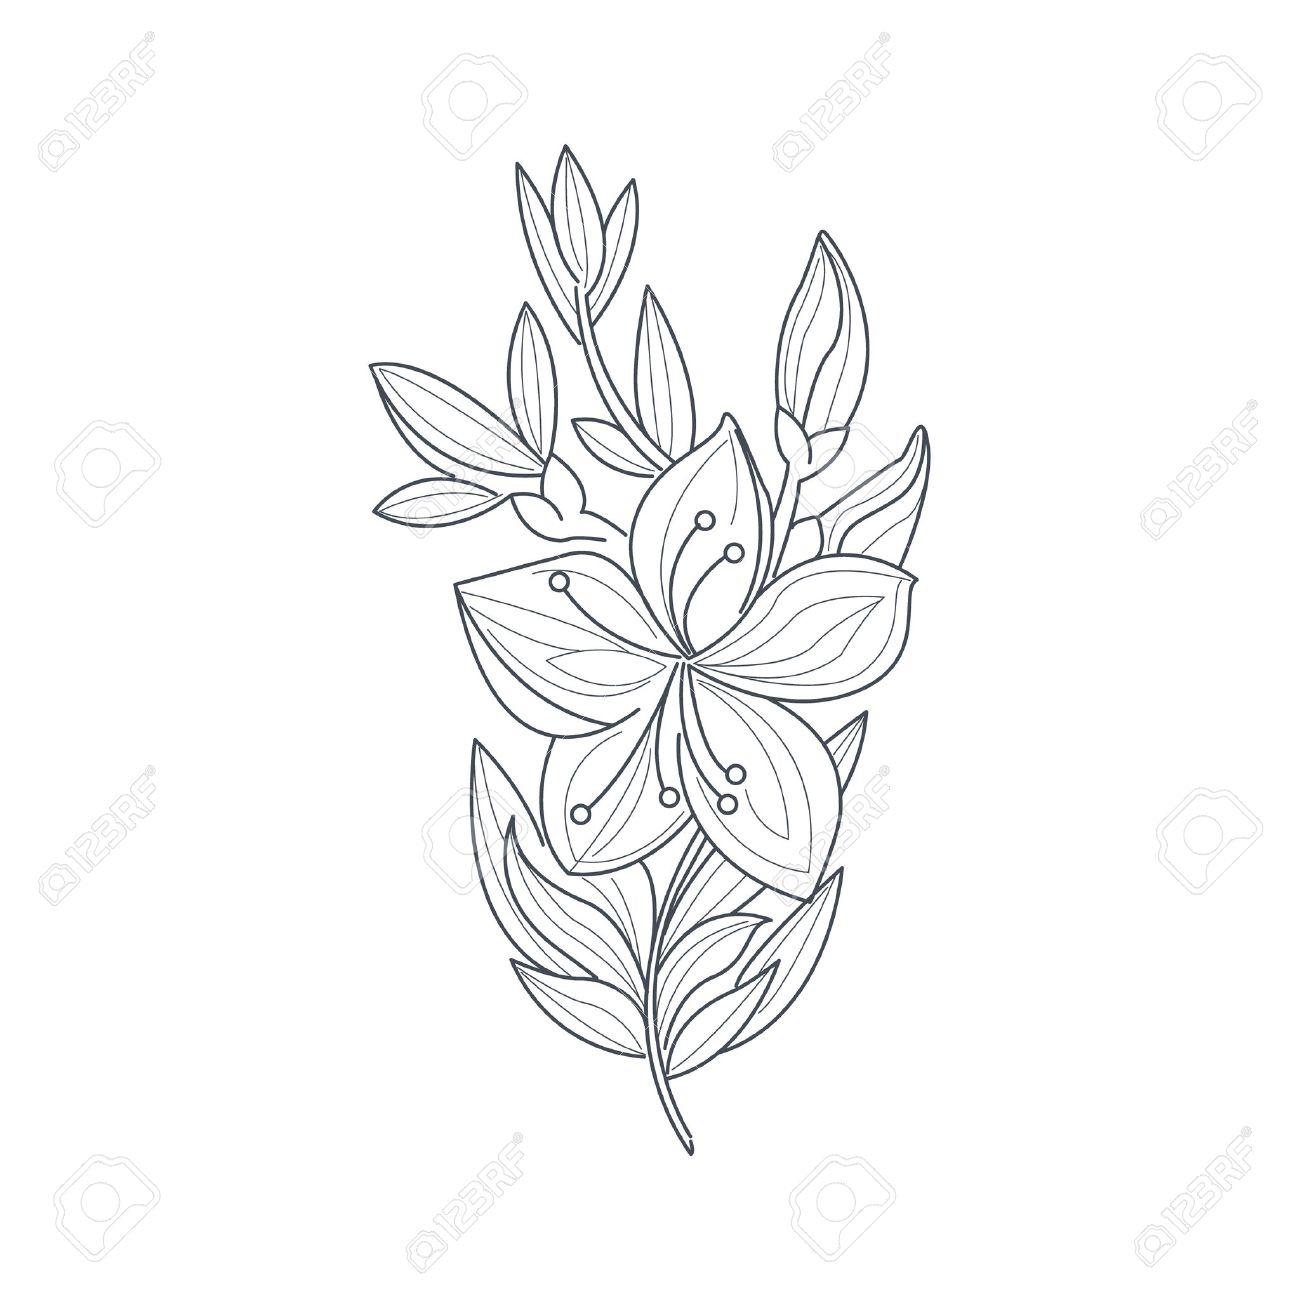 Dibujo Blanco Y Negro De La Flor De Jazmín Para Colorear Libro Dibujado Mano Del Vector Del Estilo Simple Ilustración